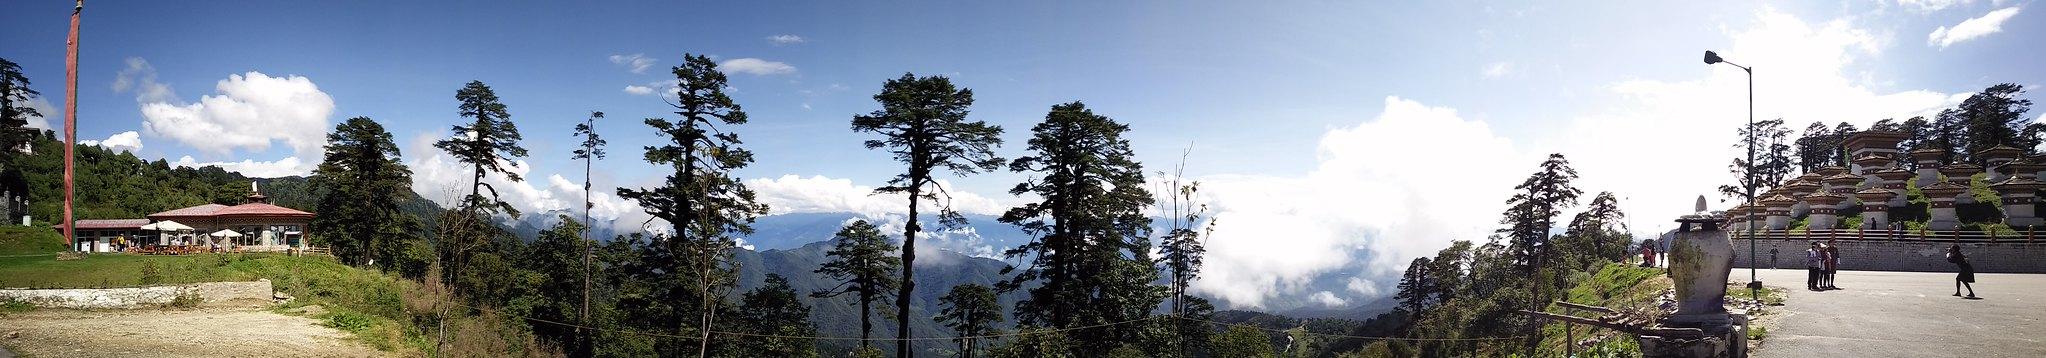 10 Điều về Bhutan – 10 Things about Bhutan